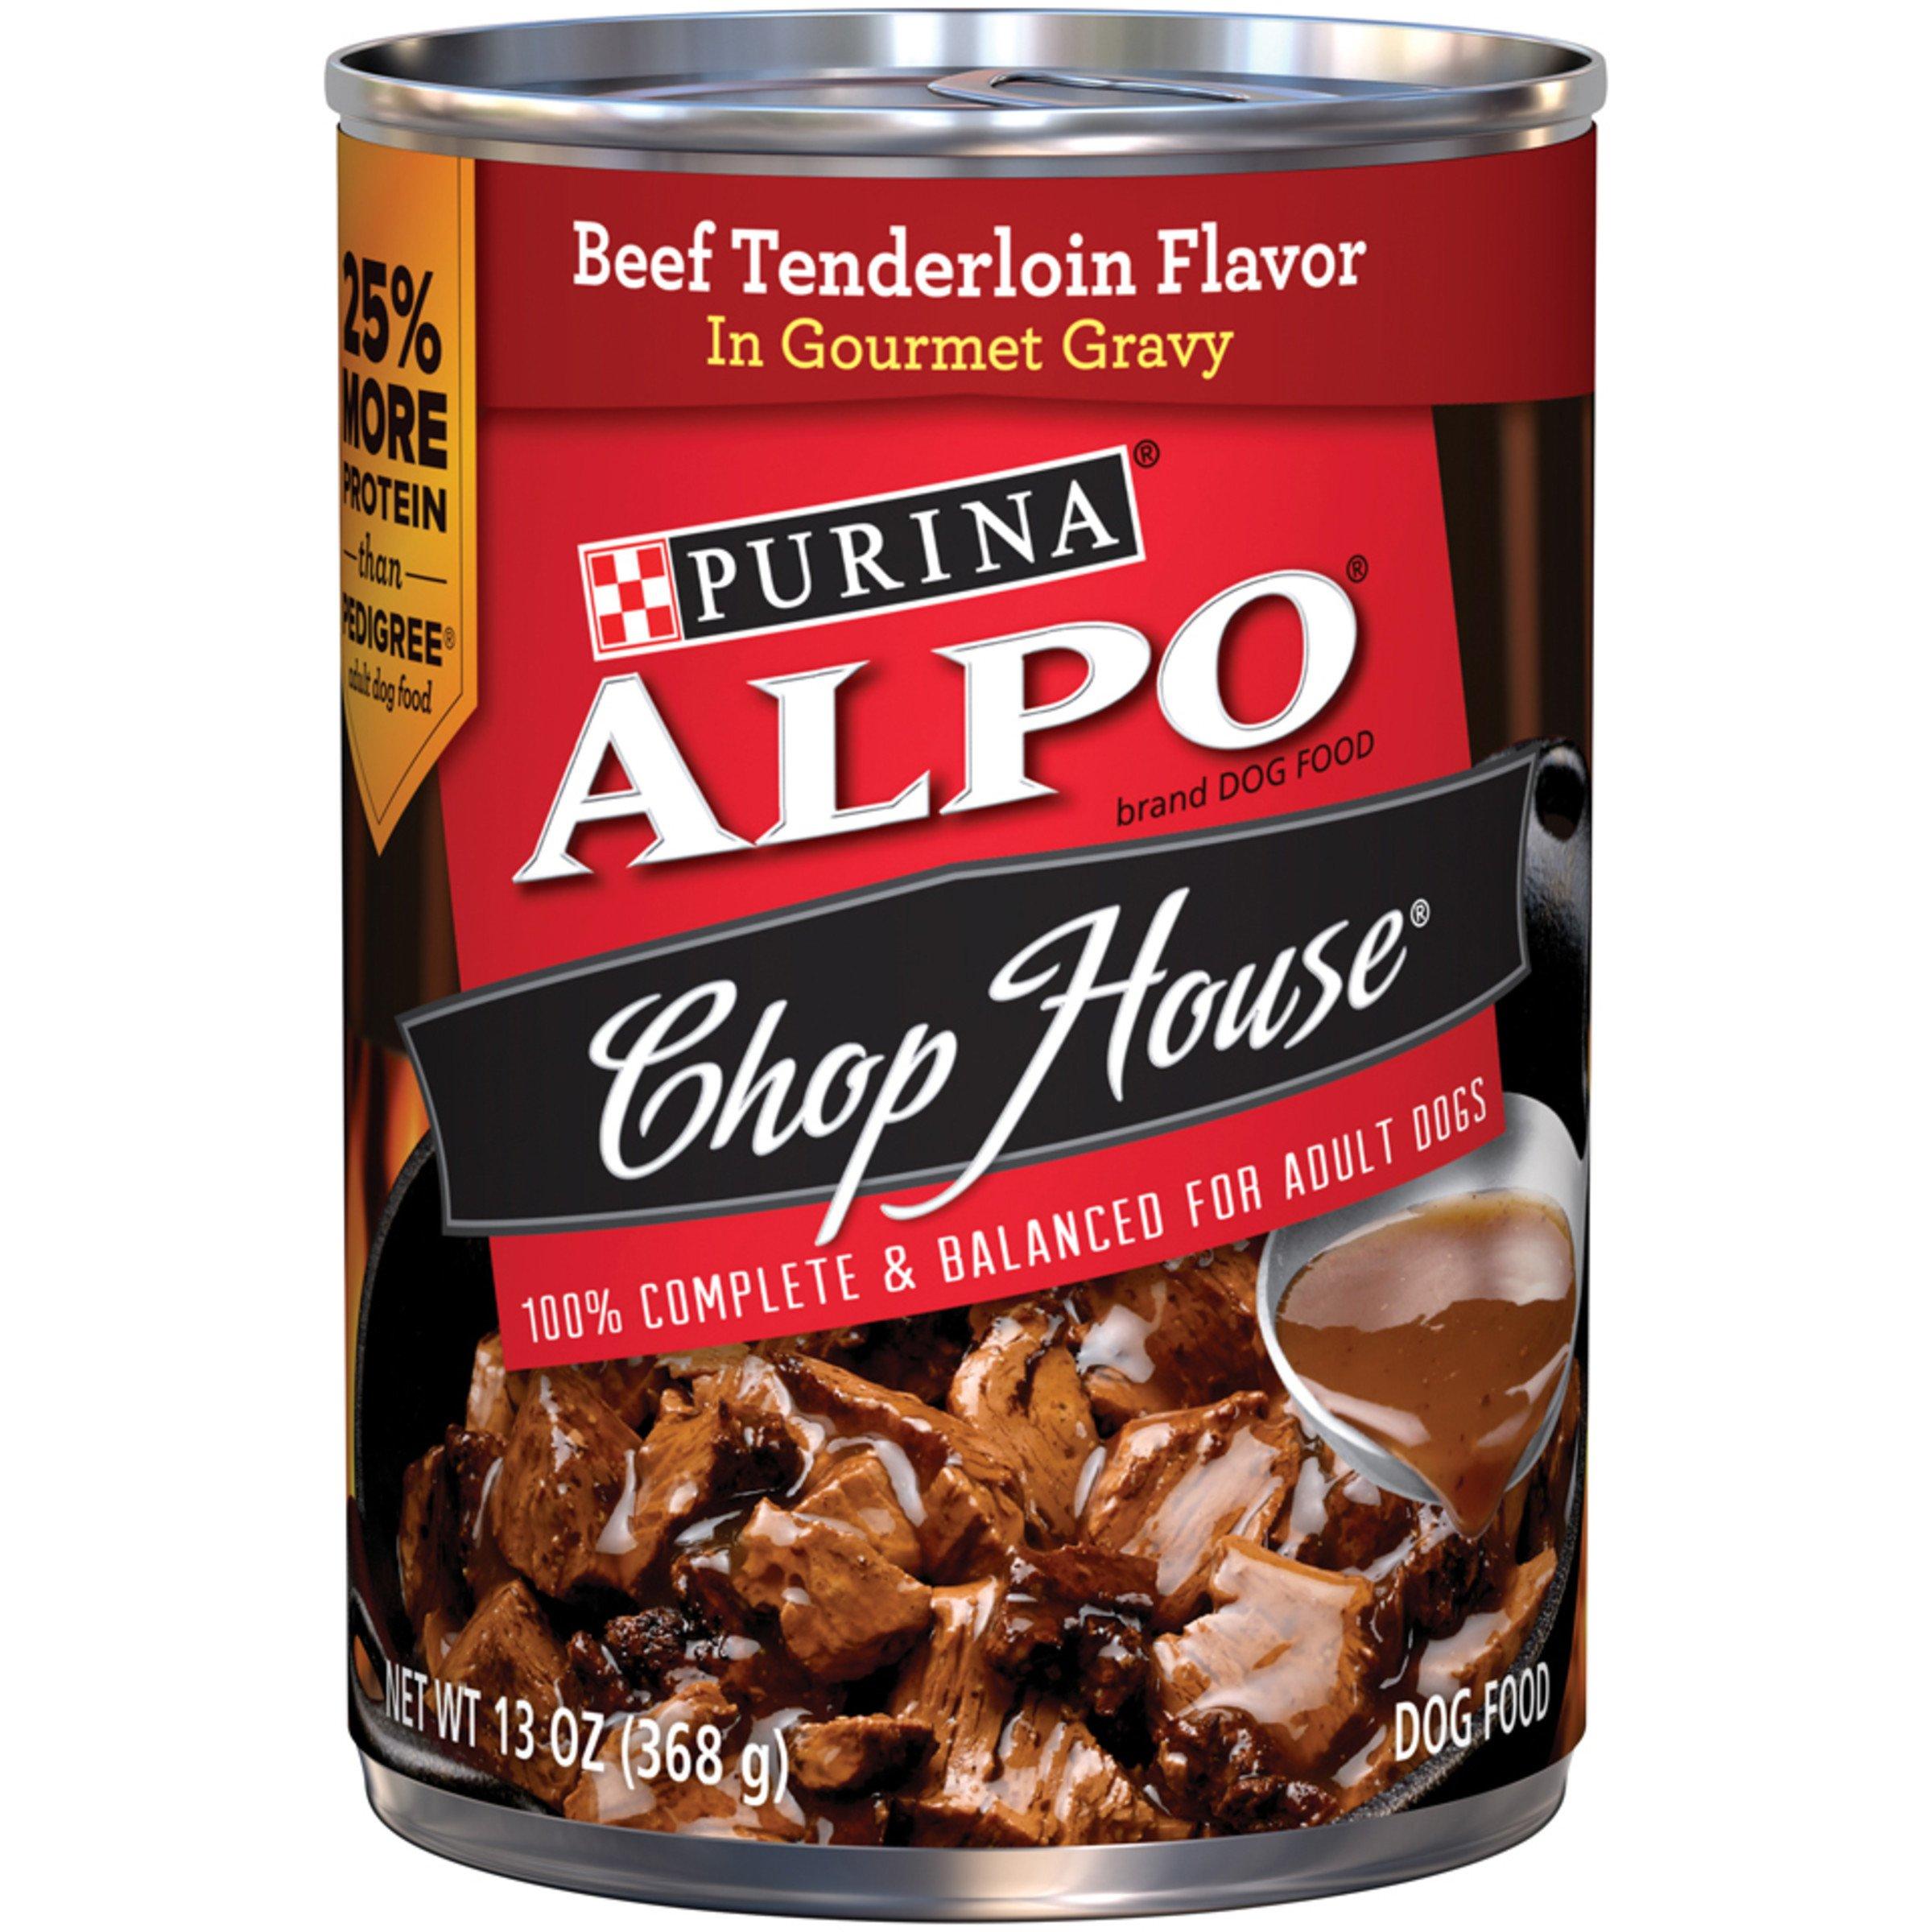 Purina ALPO Chop House Beef Tenderloin Flavor in Gourmet Gravy Wet Dog Food - Twelve (12) 13 oz. Cans